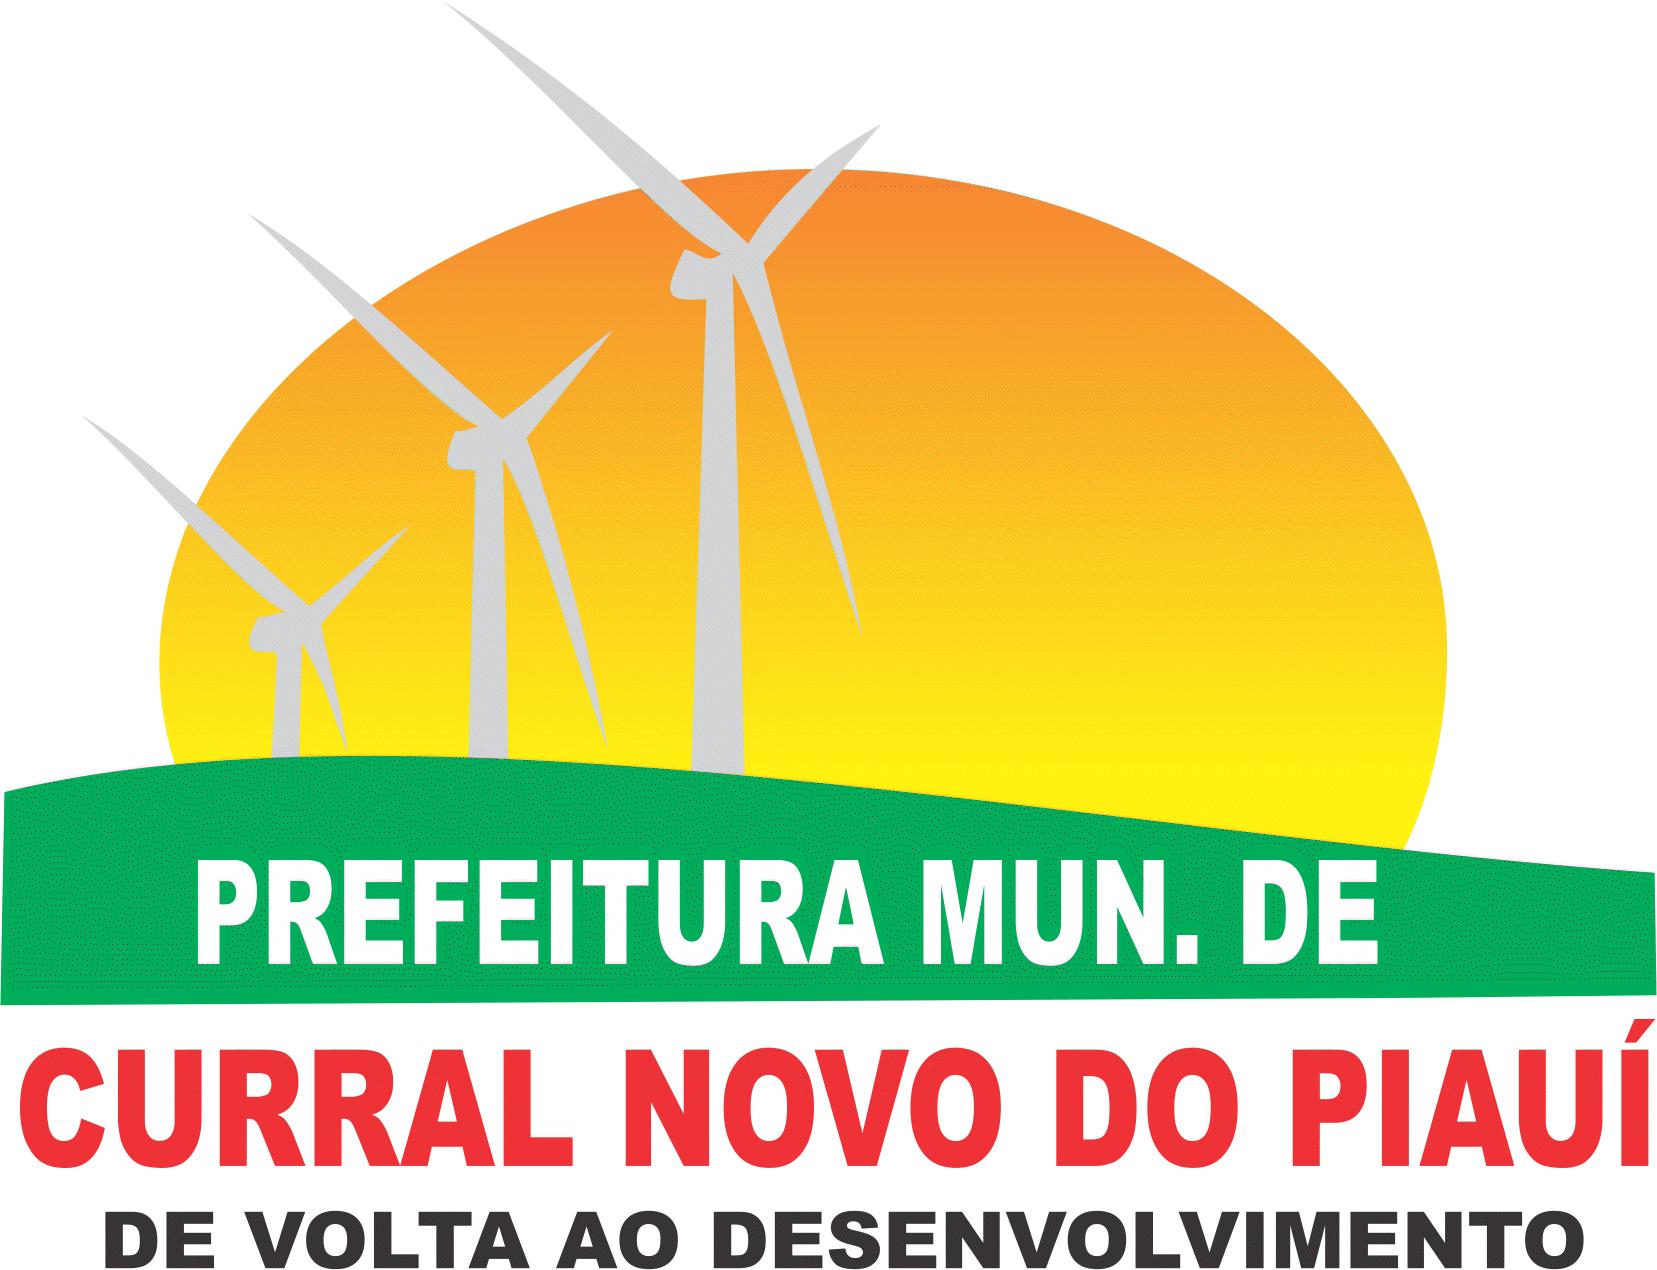 Curral Novo do Piauí Piauí fonte: curralnovo.pi.gov.br